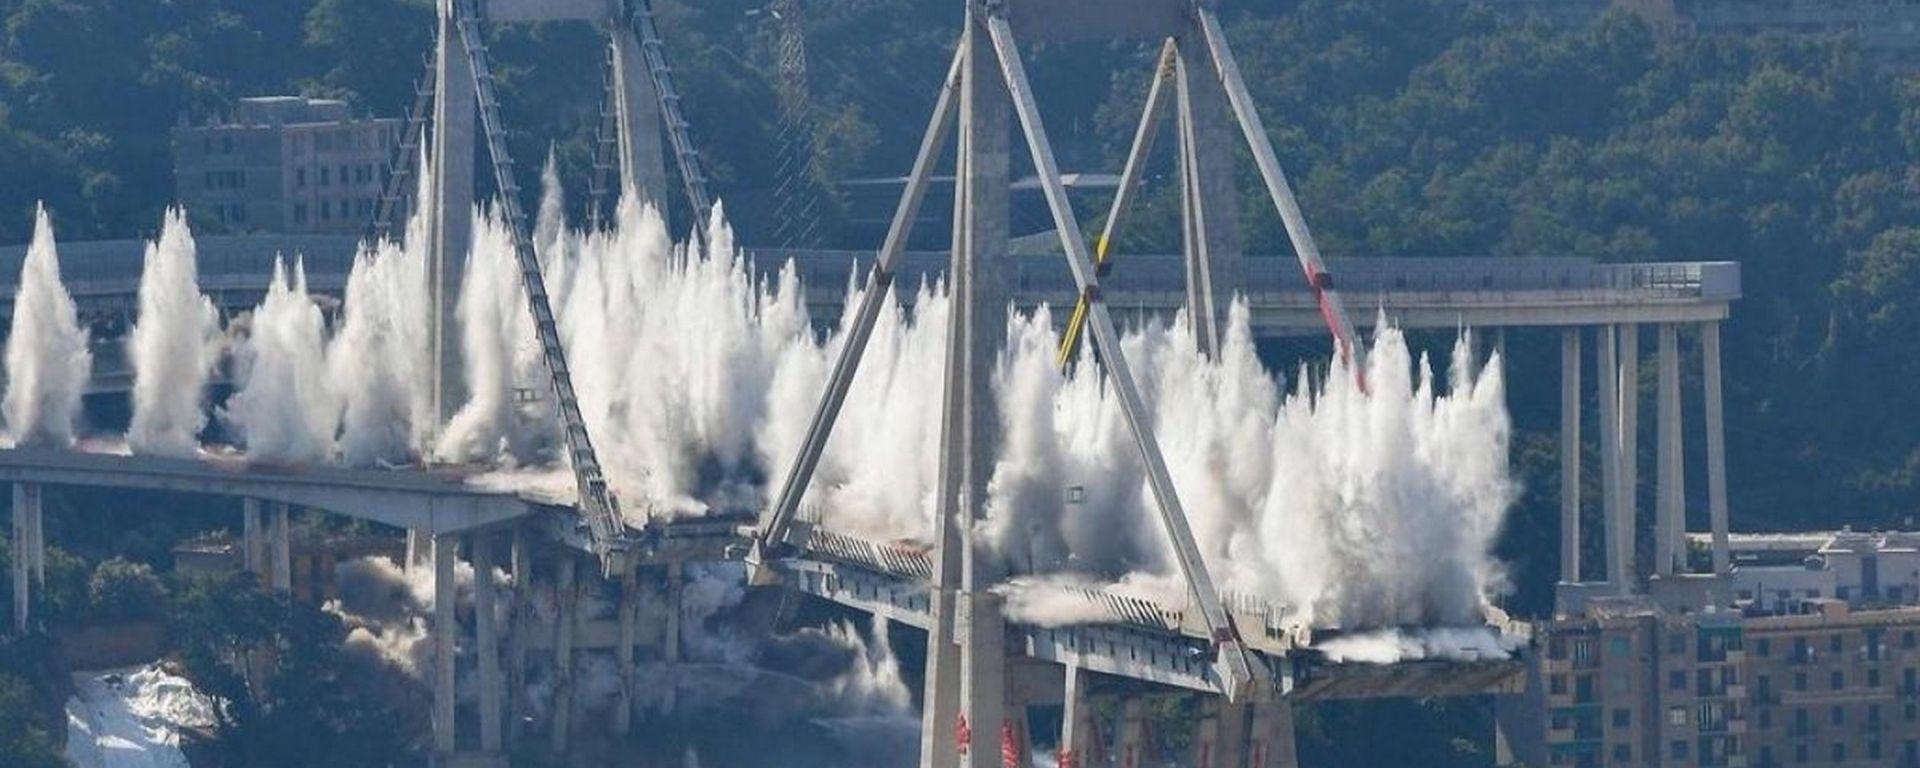 Demolizione Ponte Morandi, il momento dell'esplosione controllata